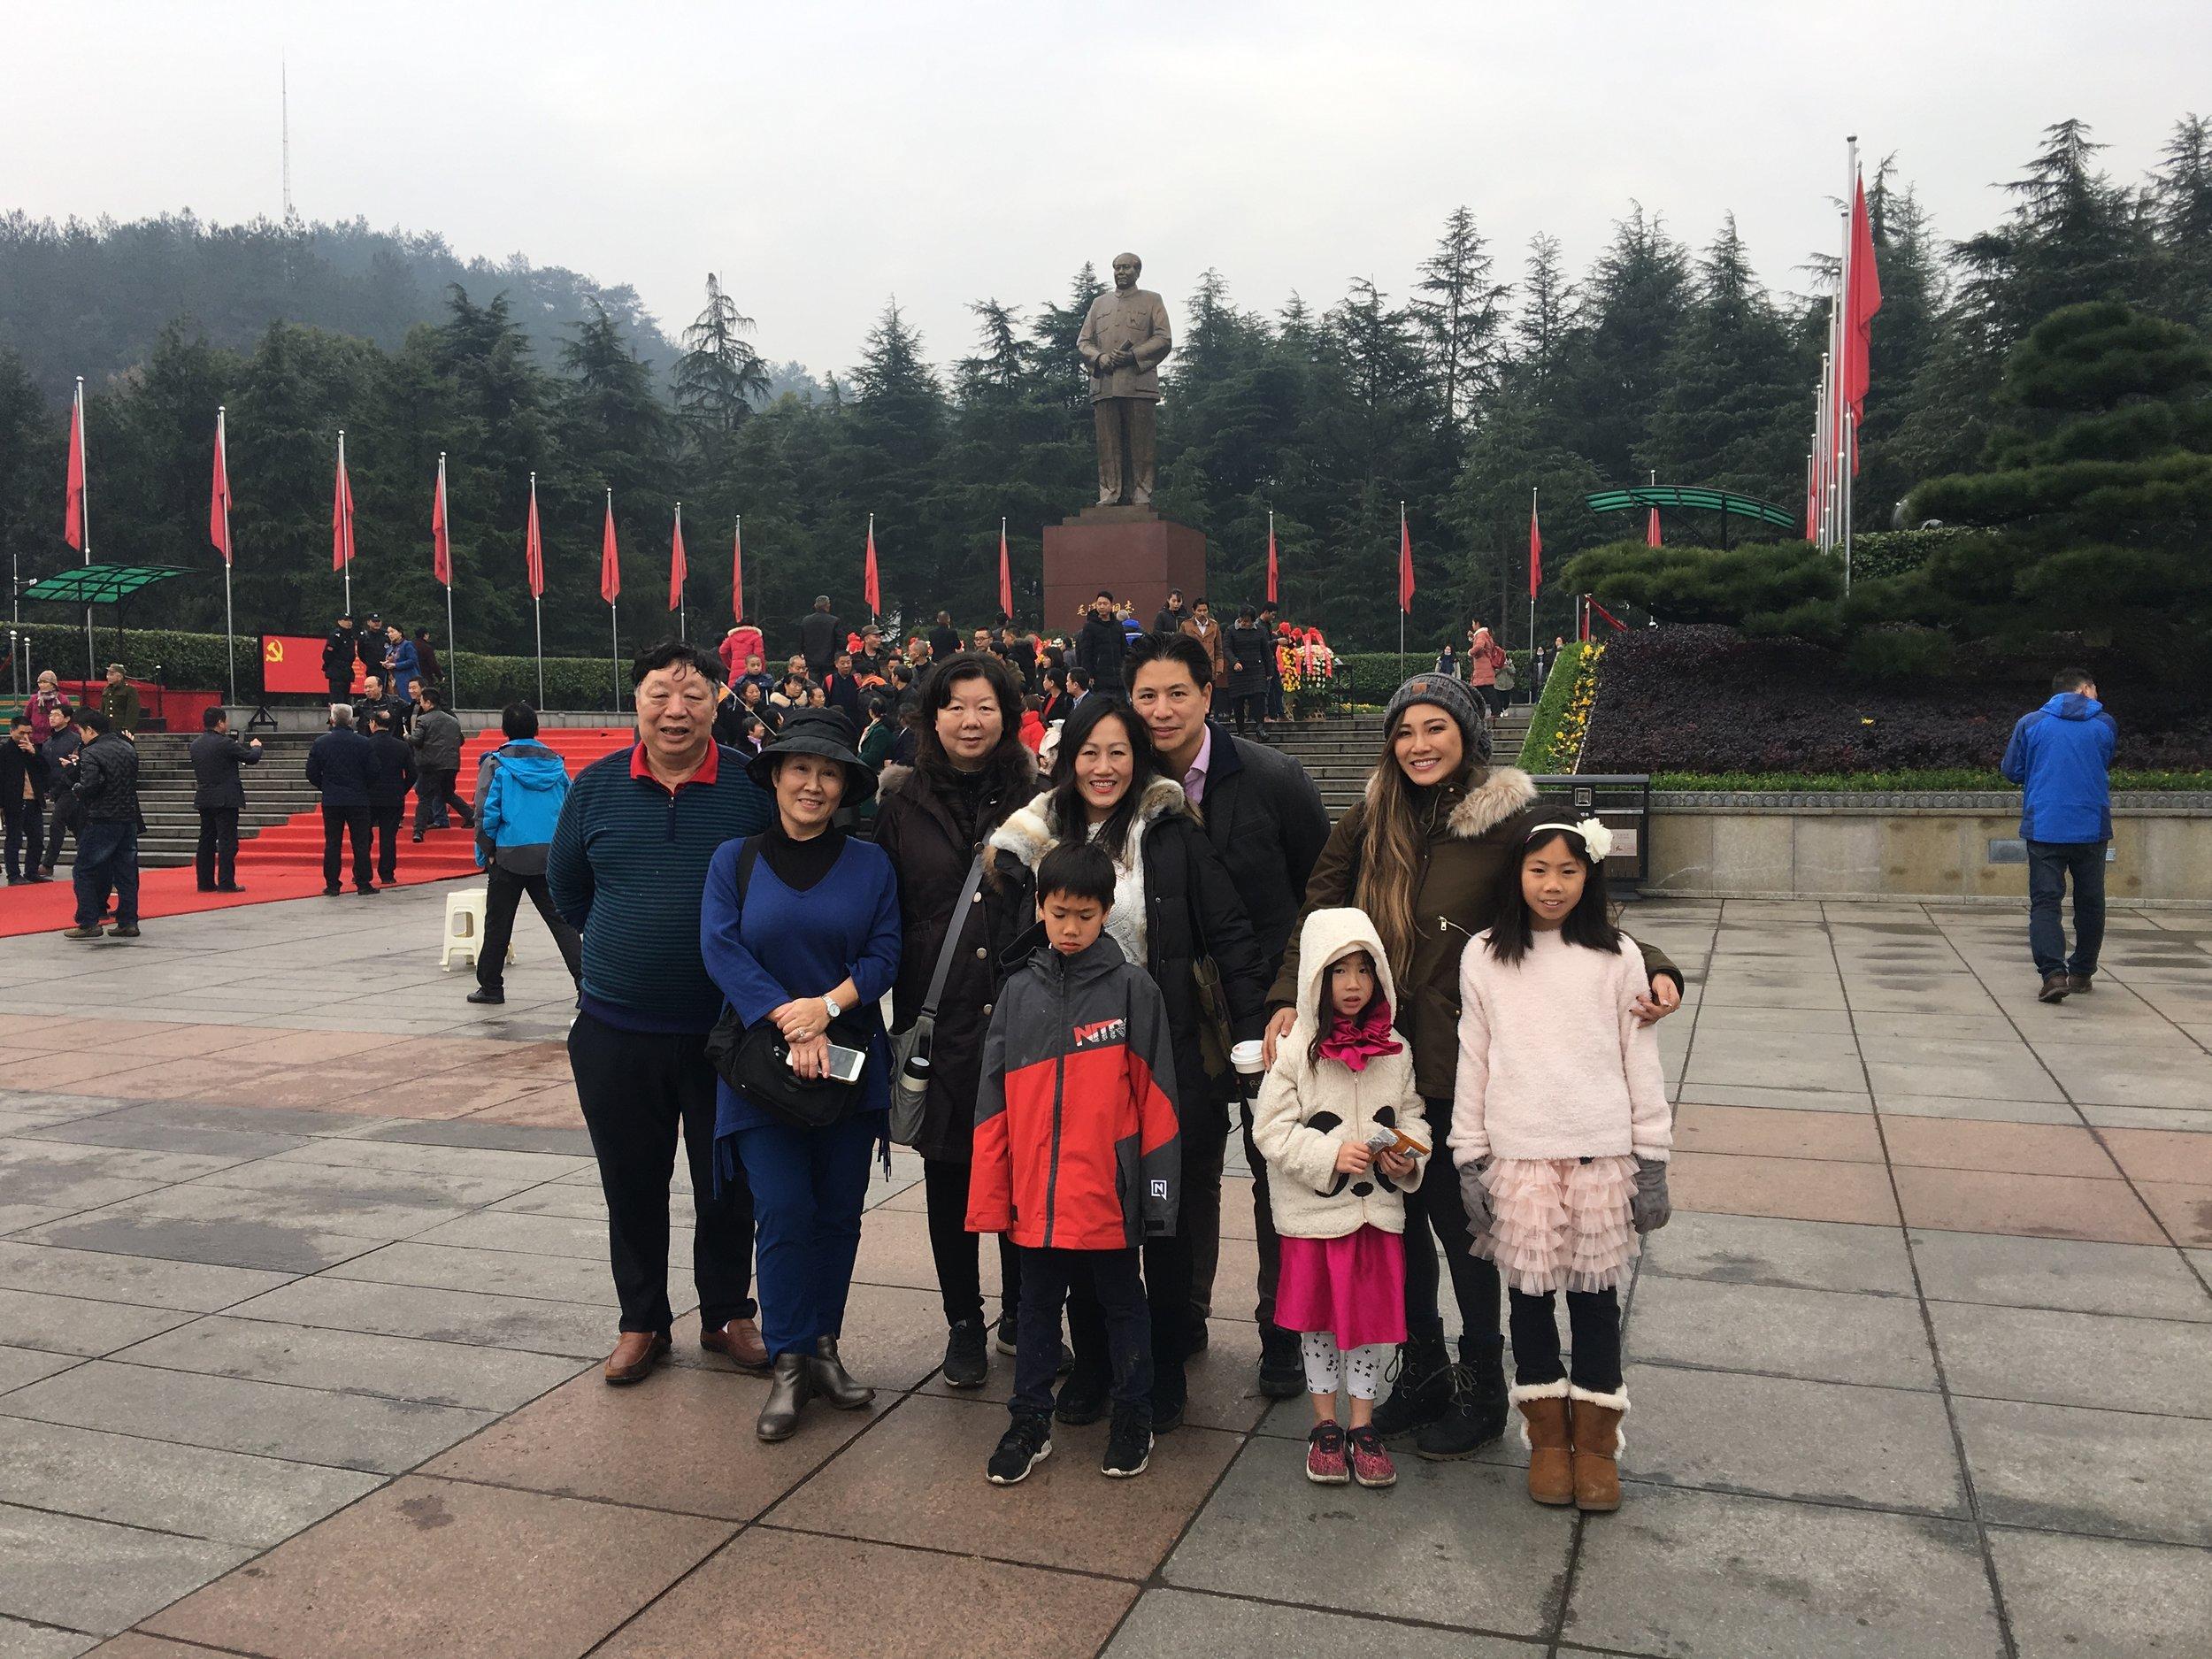 Changsha Mao Memorial Park